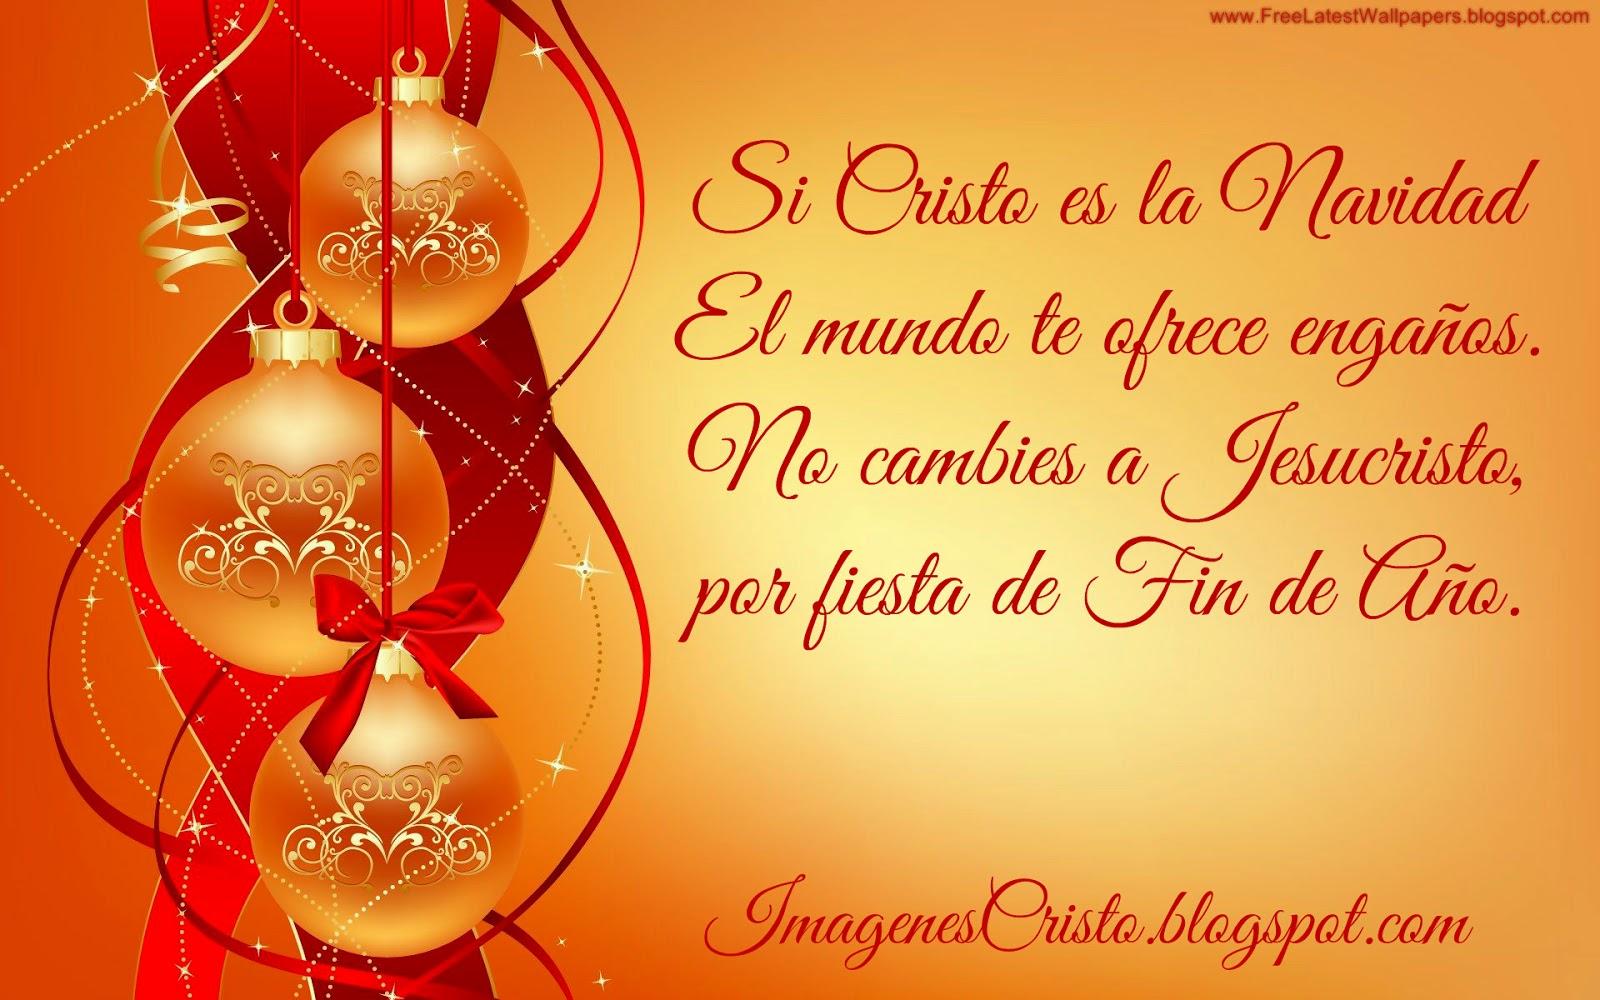 En Cristo si hay Navidad - Canción, Imágenes y Letras